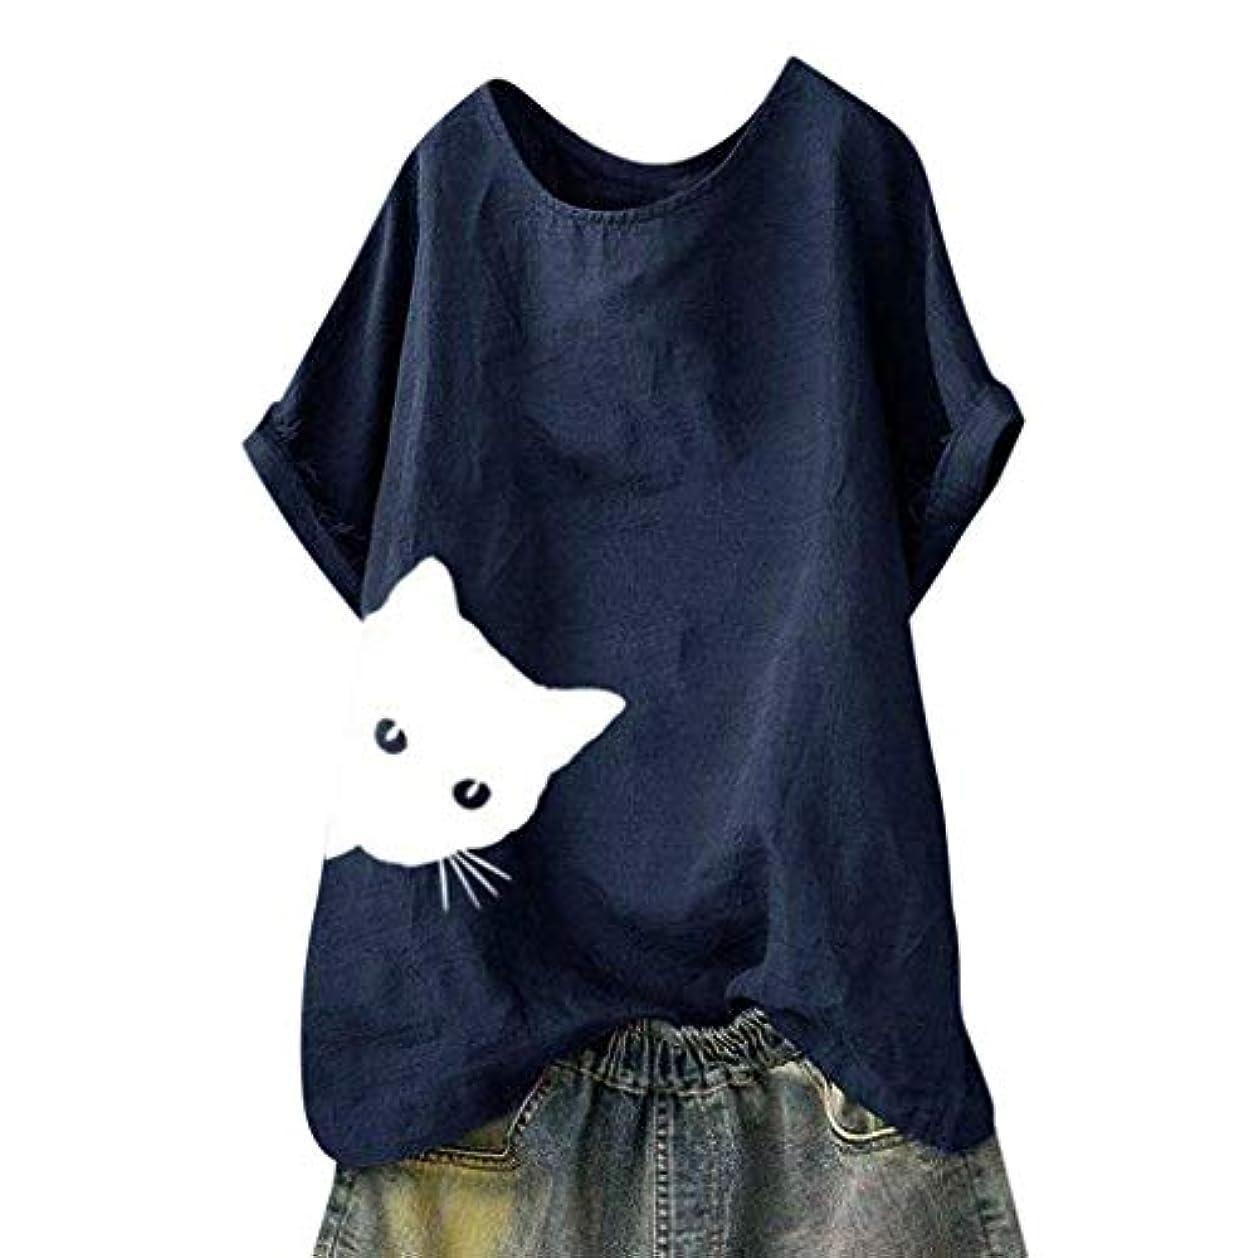 剛性ヨーグルト落花生メンズ Tシャツ 可愛い ねこ柄 白t ストライプ模様 春夏秋 若者 気質 おしゃれ 夏服 多選択 猫模様 カジュアル 半袖 面白い 動物 ゆったり シンプル トップス 通勤 旅行 アウトドア tシャツ 人気